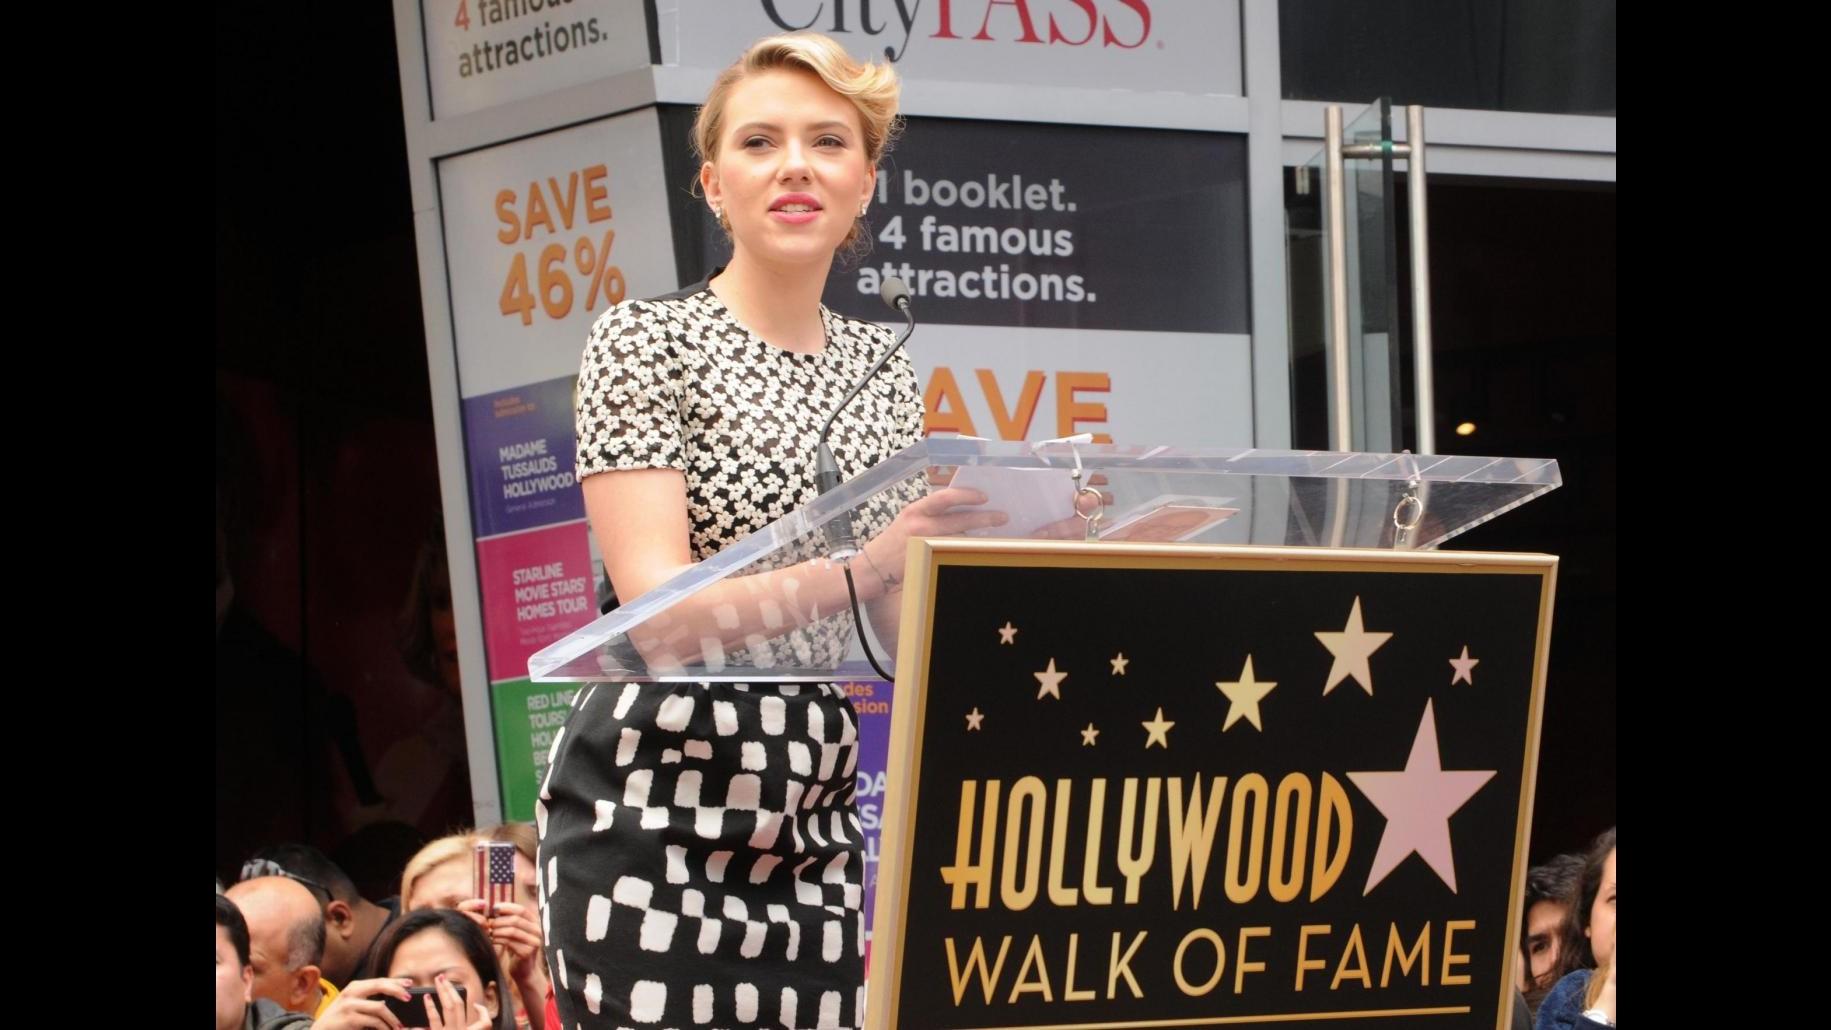 Una stella sulla Walk of fame per Scarlett Johansson